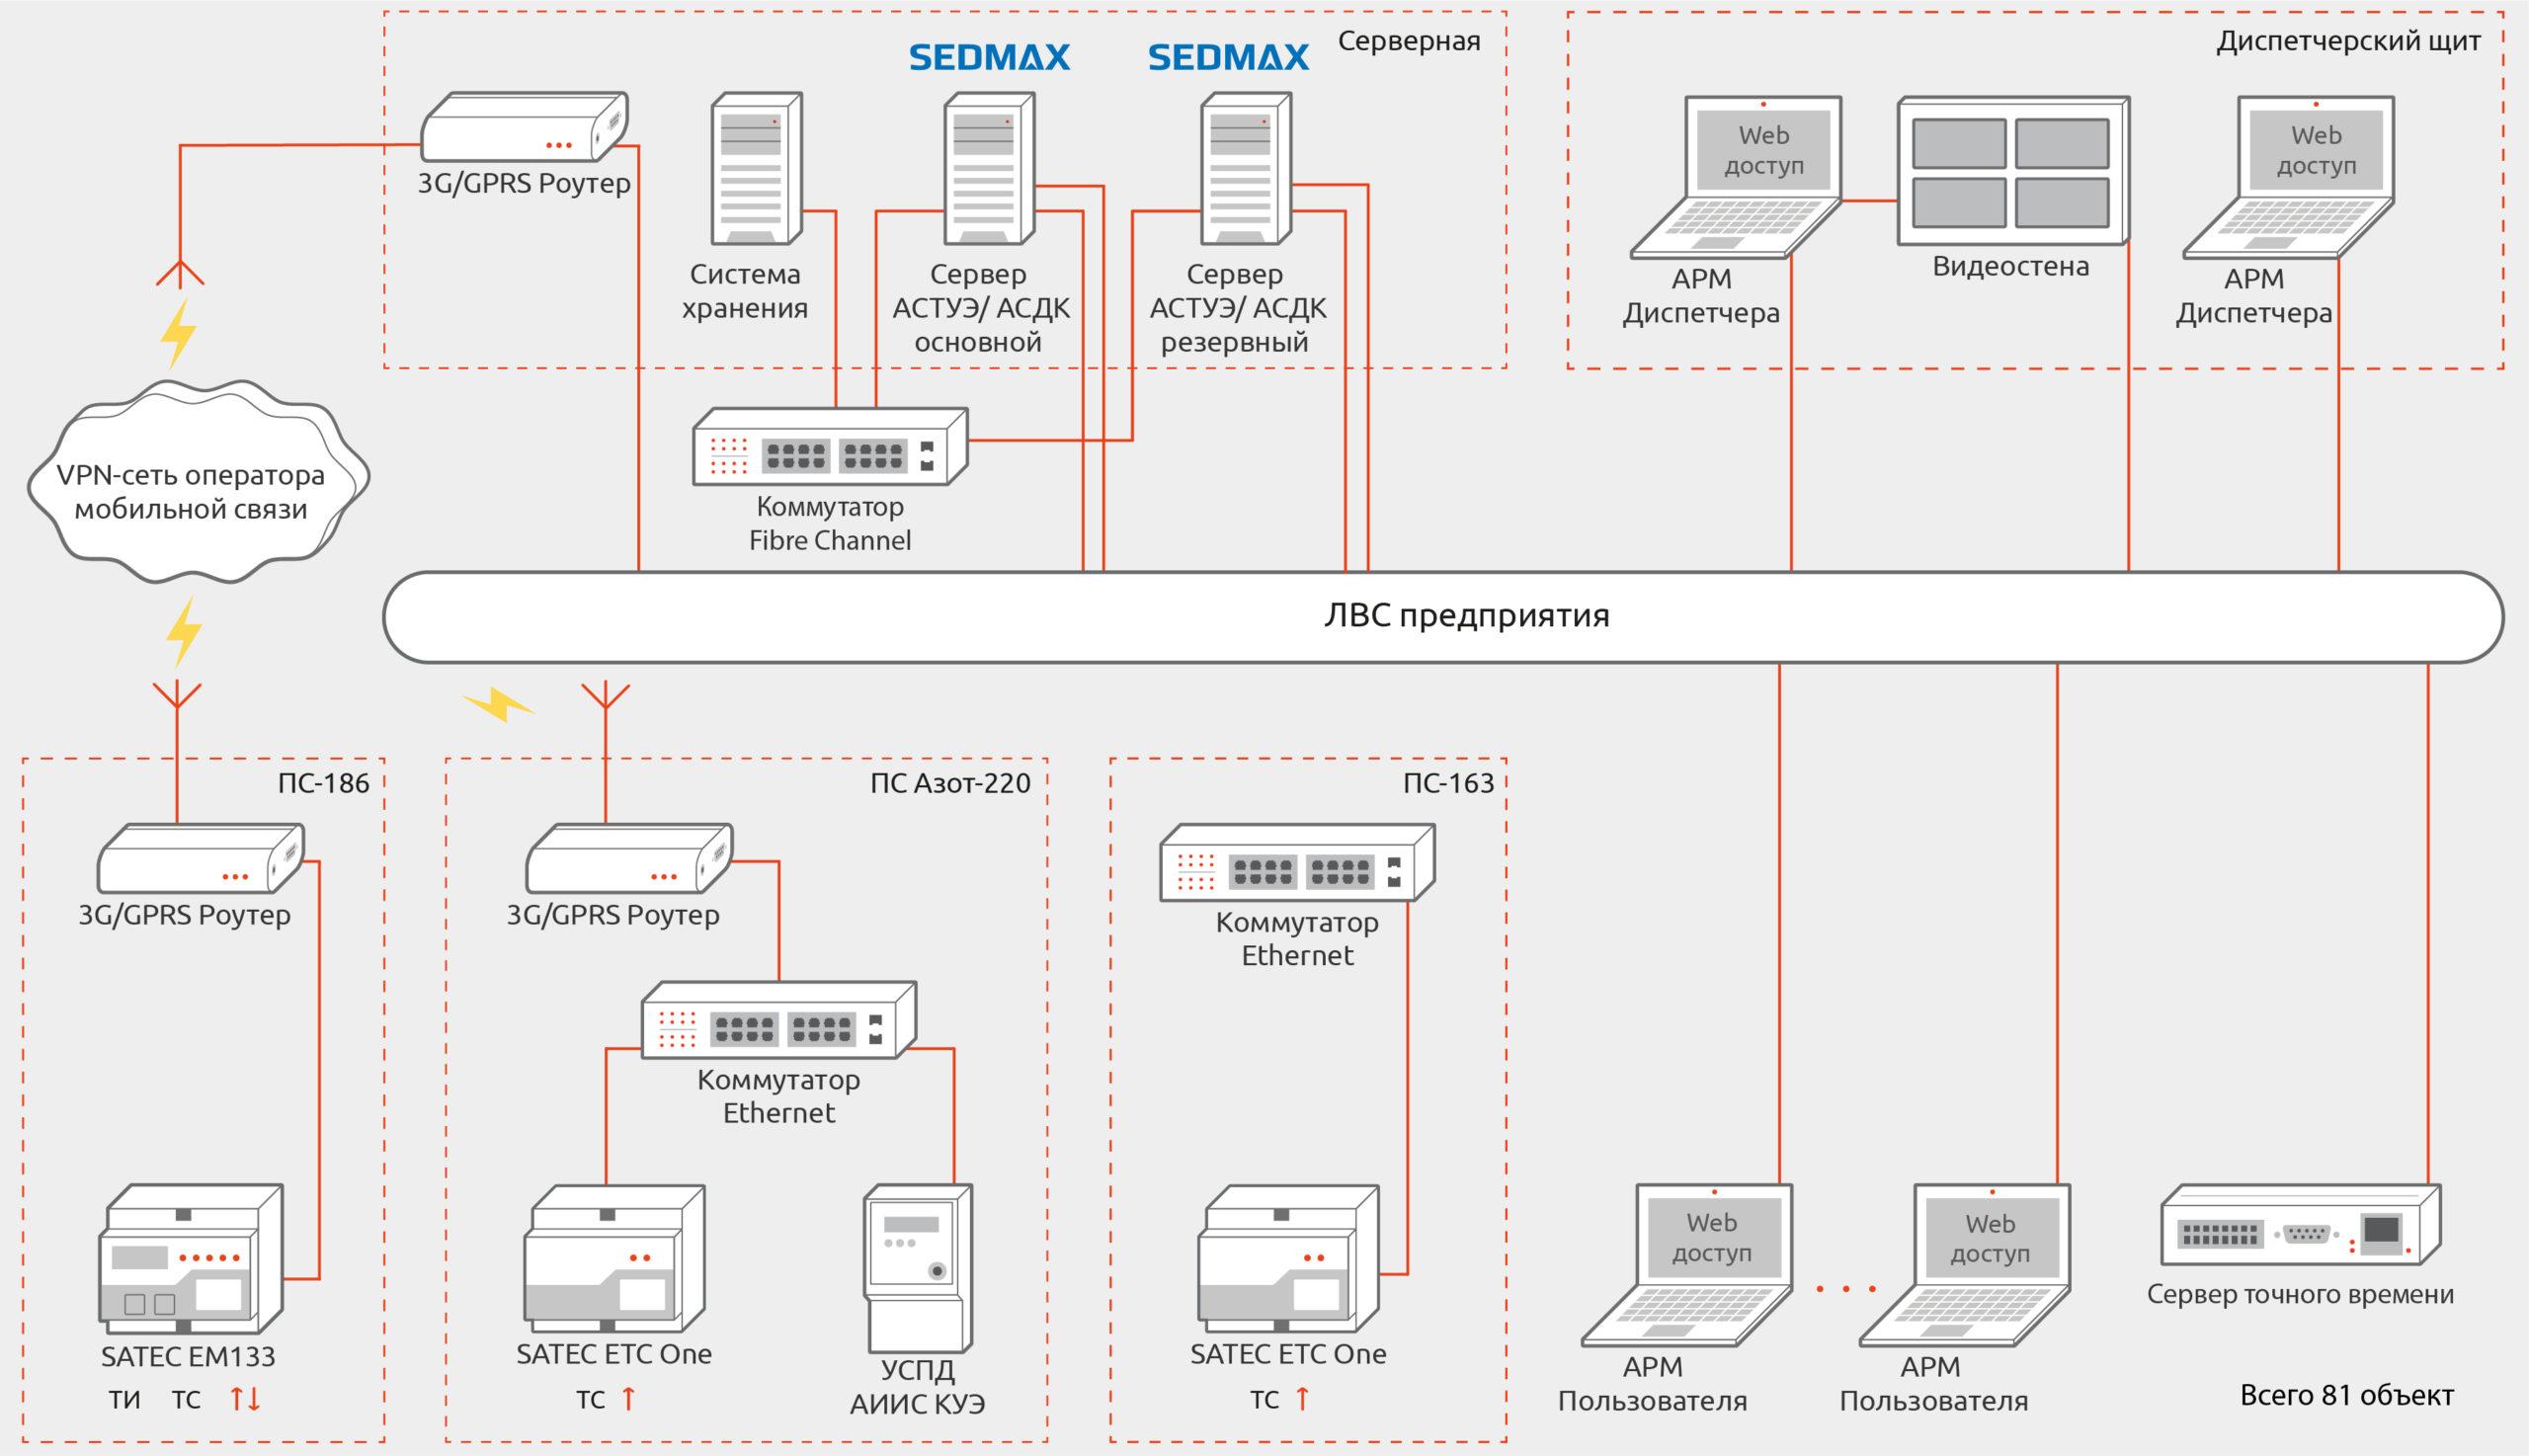 Структура автоматизированной системы технического учета электроэнергии и диспетчерского управления электроснабжением завода «Азот»